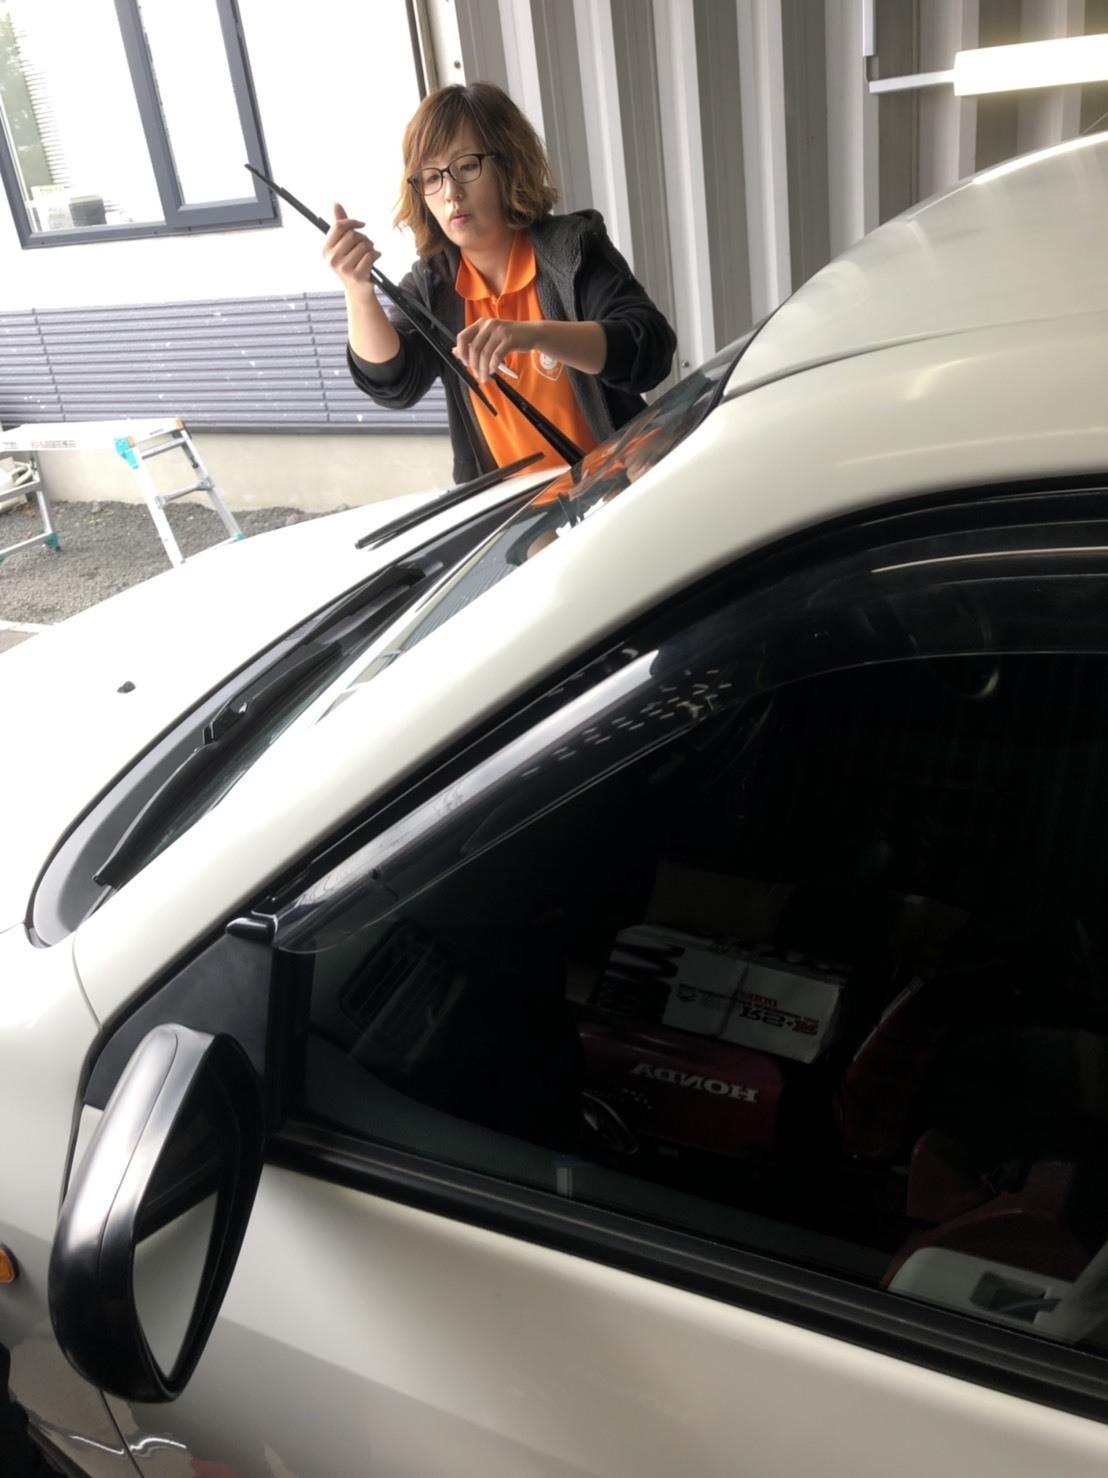 10月11日(金)☆TOMMYアウトレット☆あゆブログ٩(●˙▿˙●)۶ プロボックスA社様納車♪_b0127002_17081428.jpg